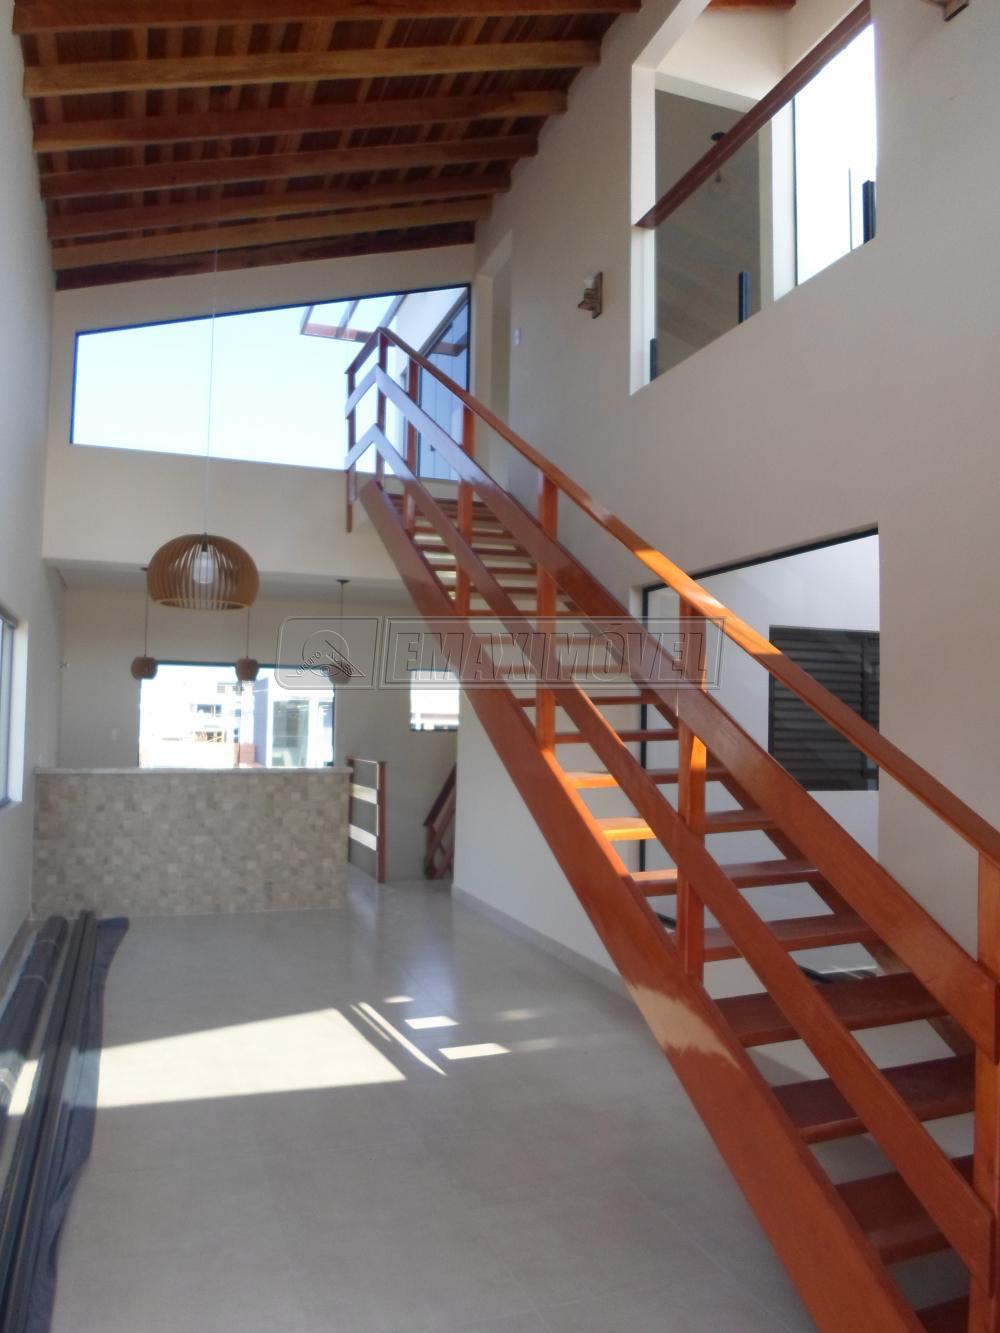 Alugar Casa / em Condomínios em Sorocaba R$ 3.200,00 - Foto 4